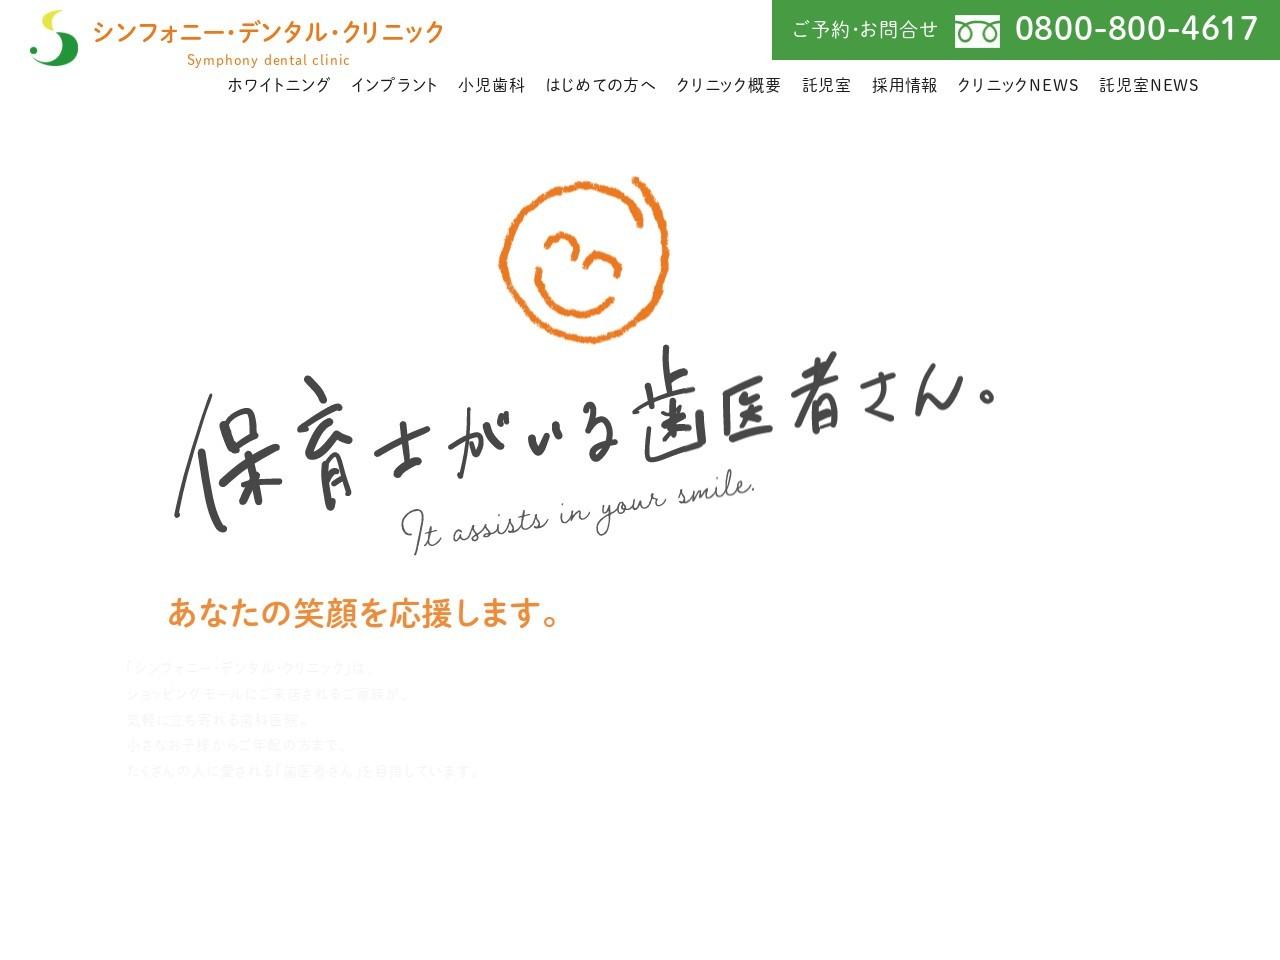 シンフォニー・デンタル・クリニック (青森県八戸市)